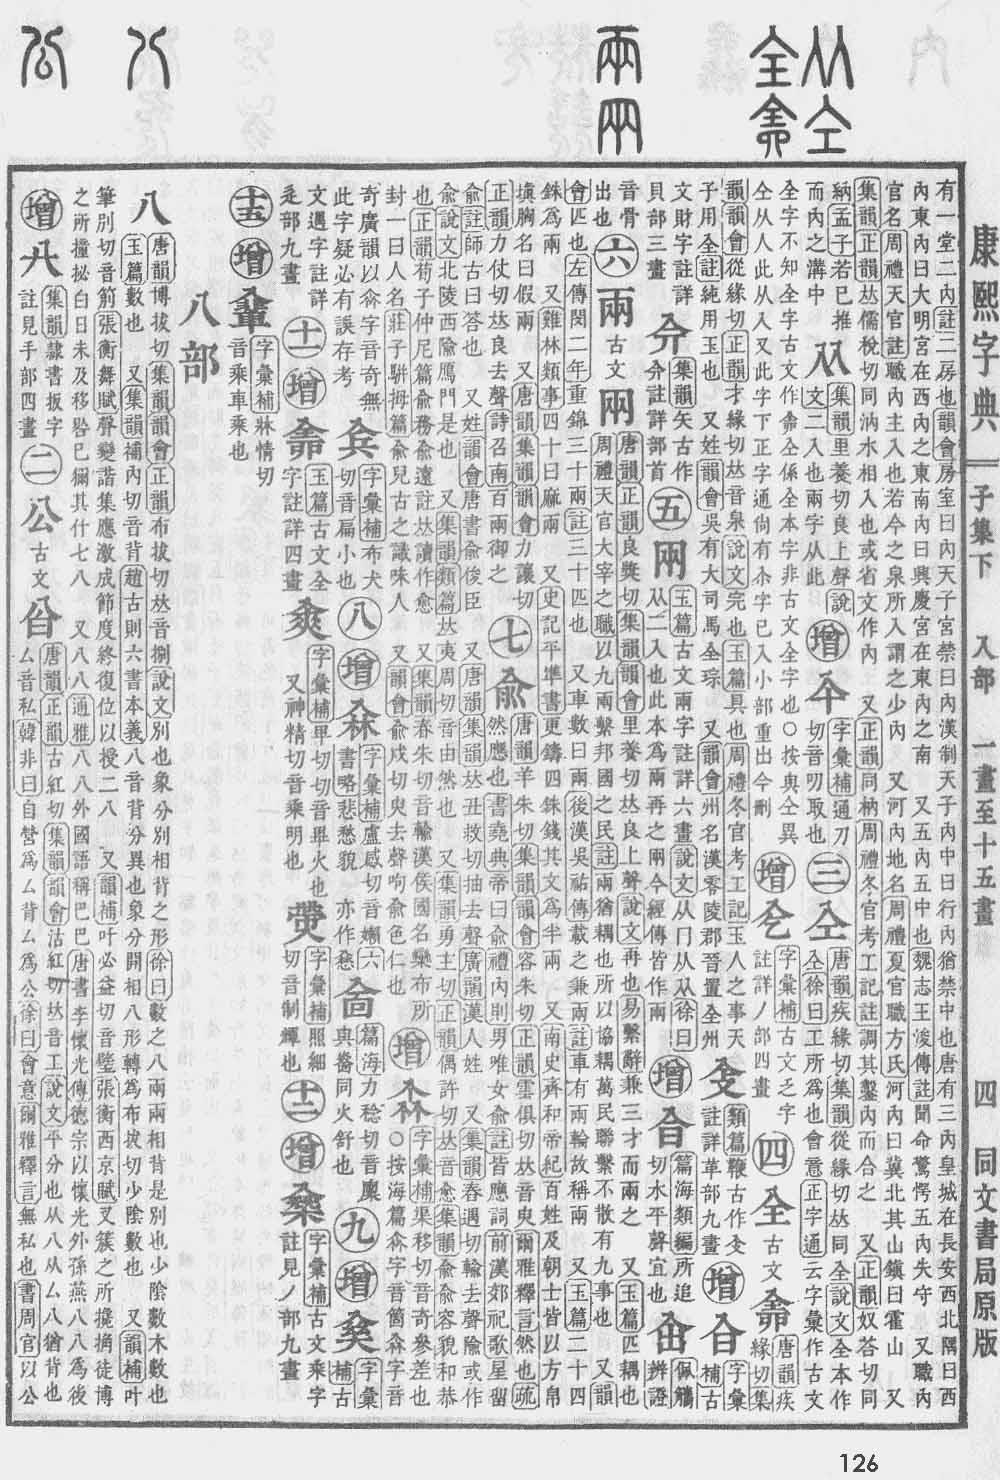 《康熙字典》第126页